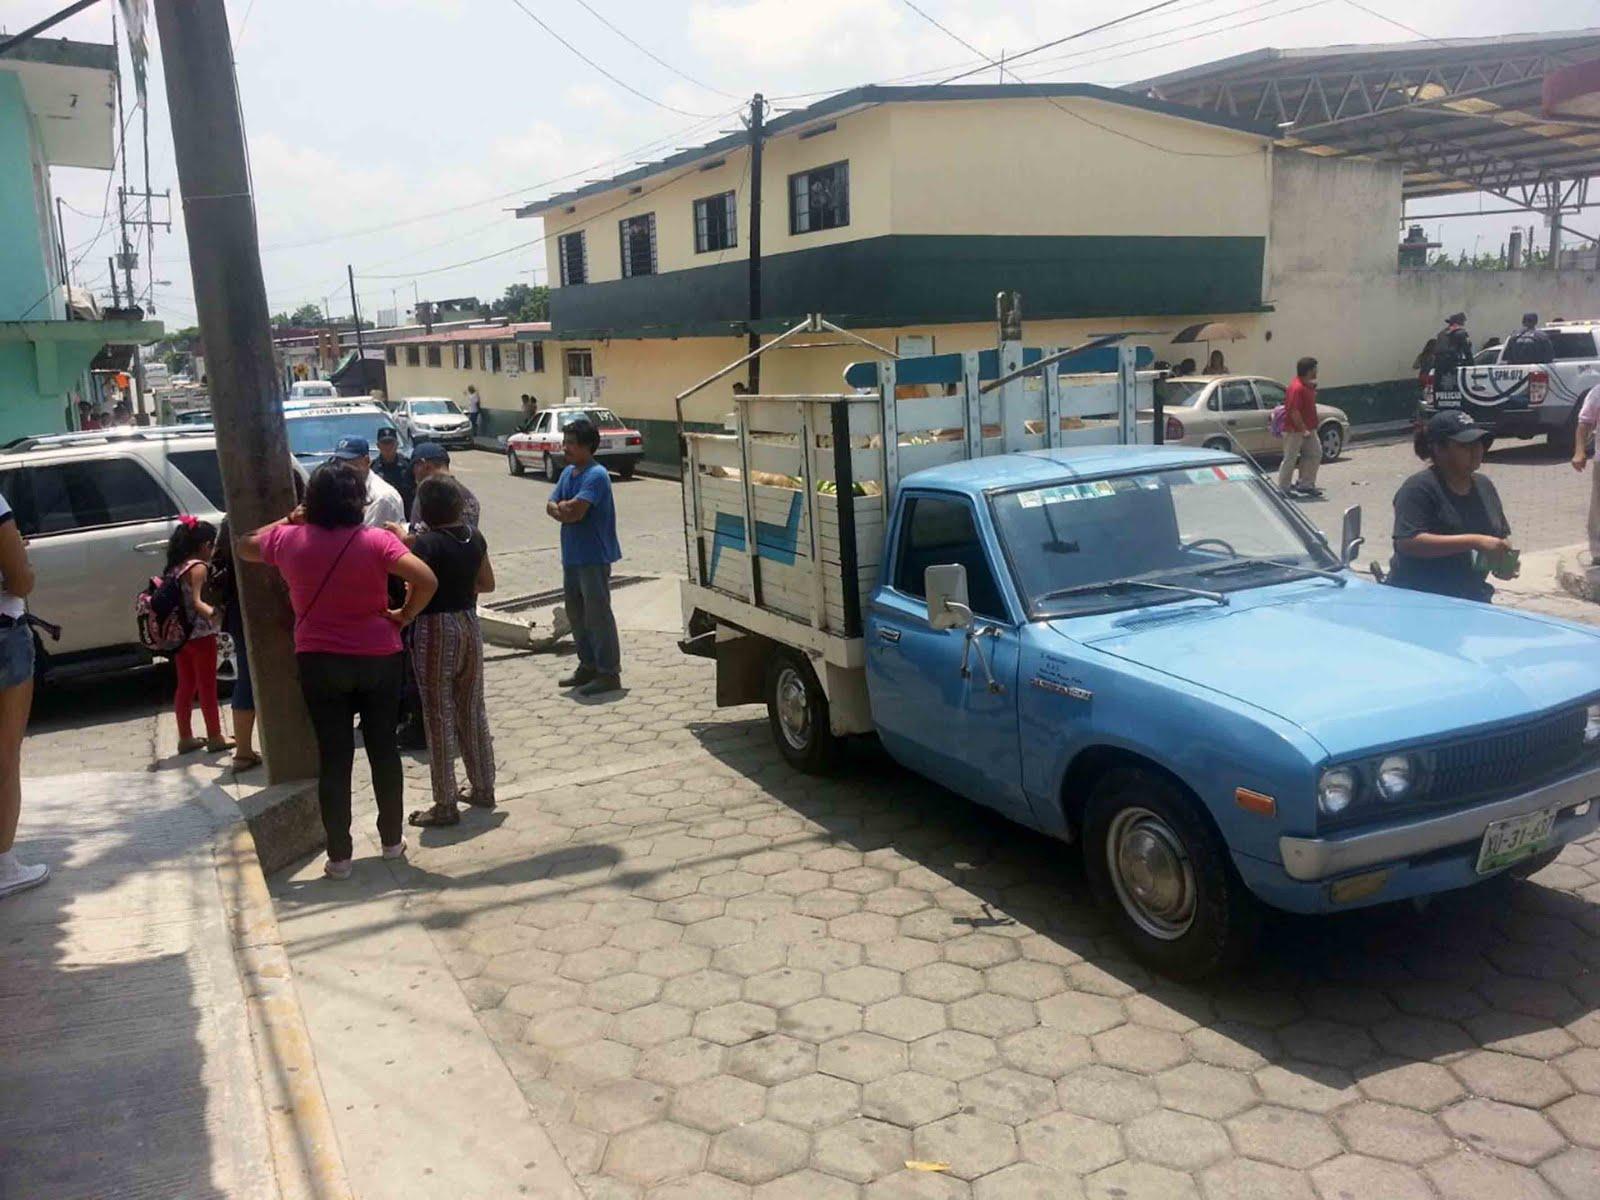 Asimismo la unidad contra la que se termin impactando la camioneta escape se trat de una camioneta marca datsun de color azul con redila blanca